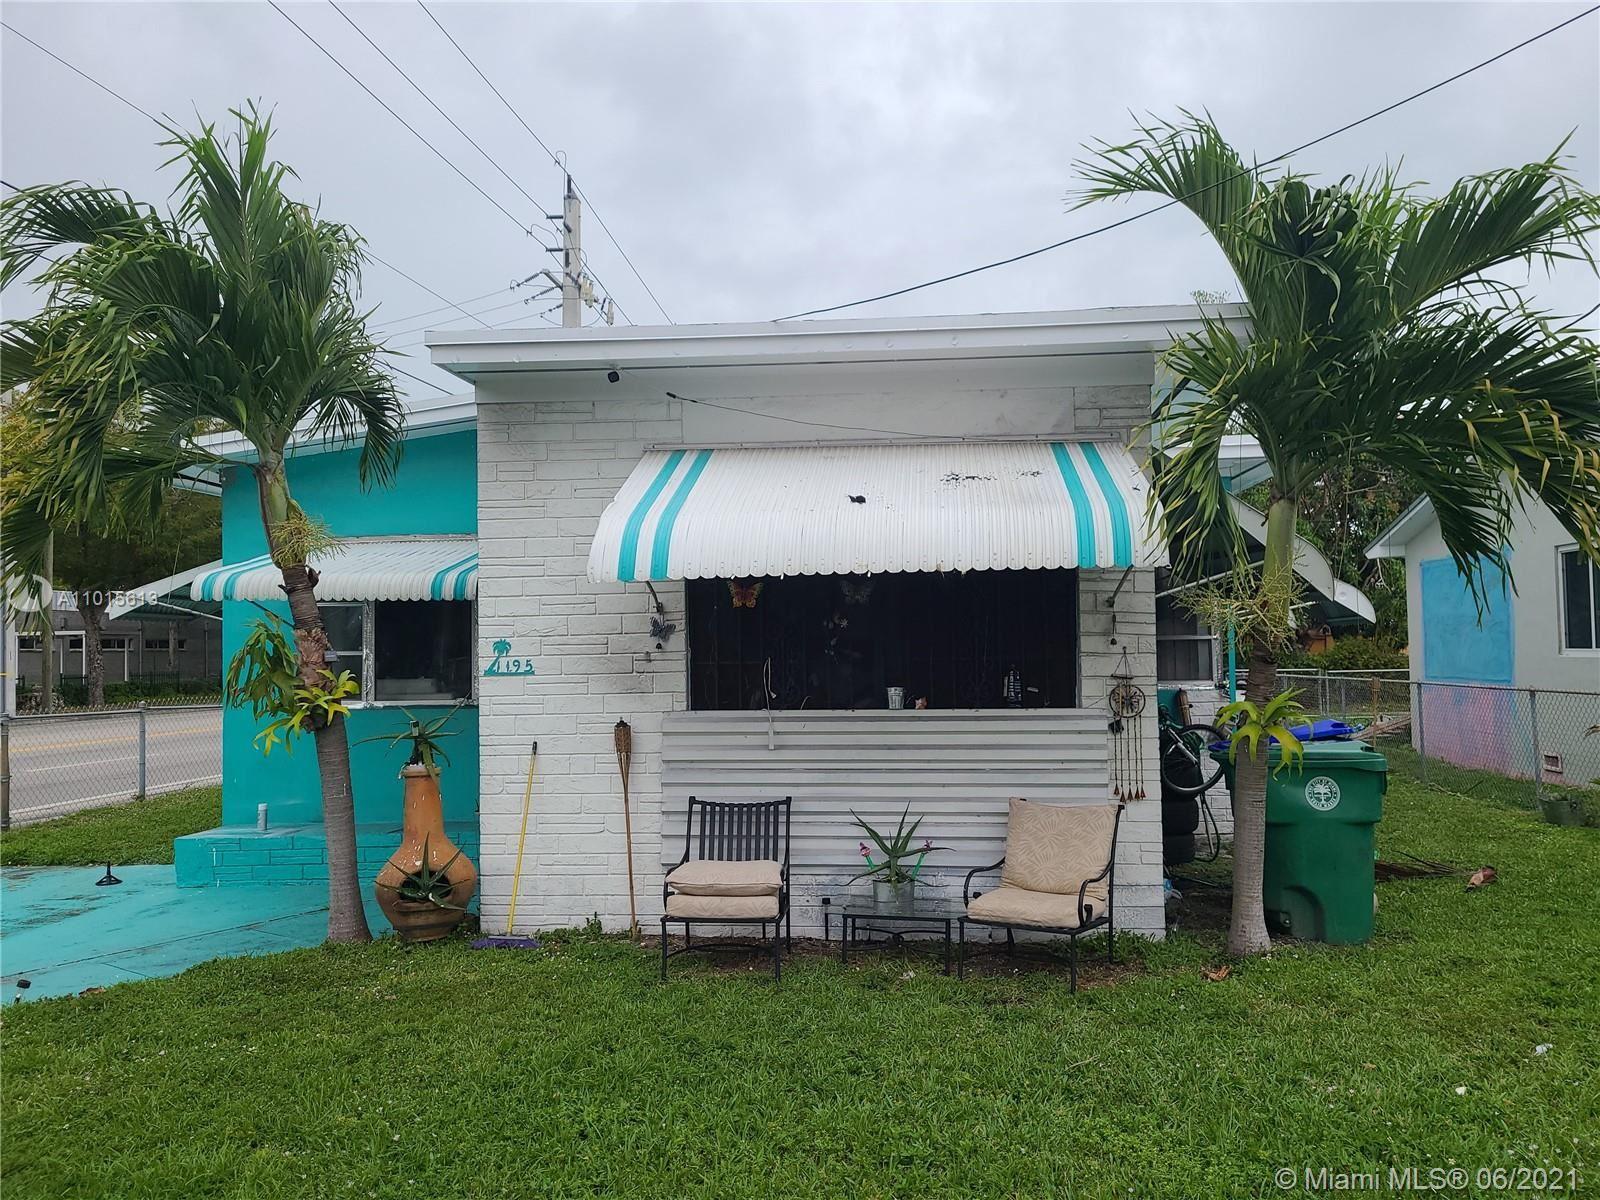 1195 NW 48th St, Miami, FL 33127 - #: A11015613